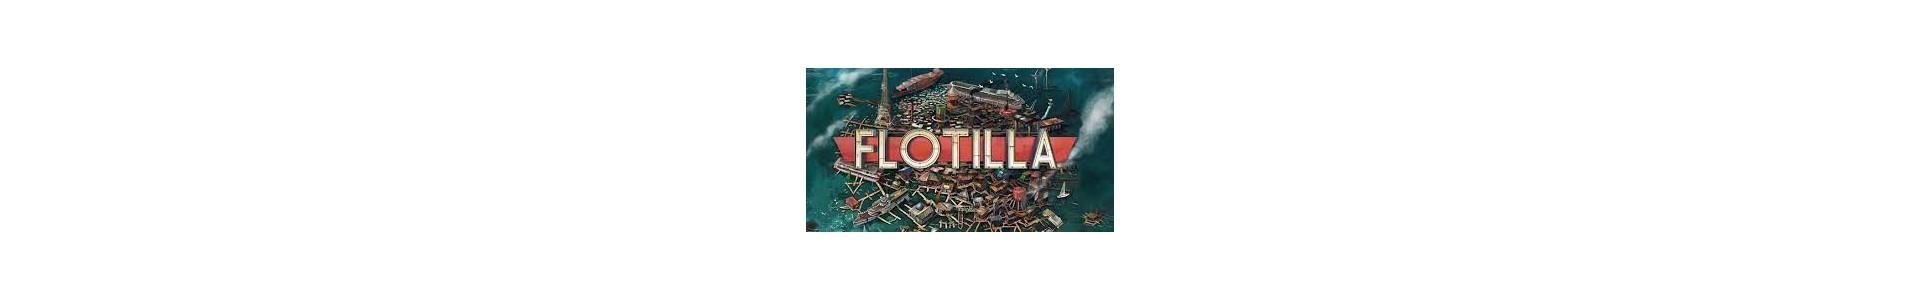 Jeux de Société - Flotilla | Achetez sur Starplayer